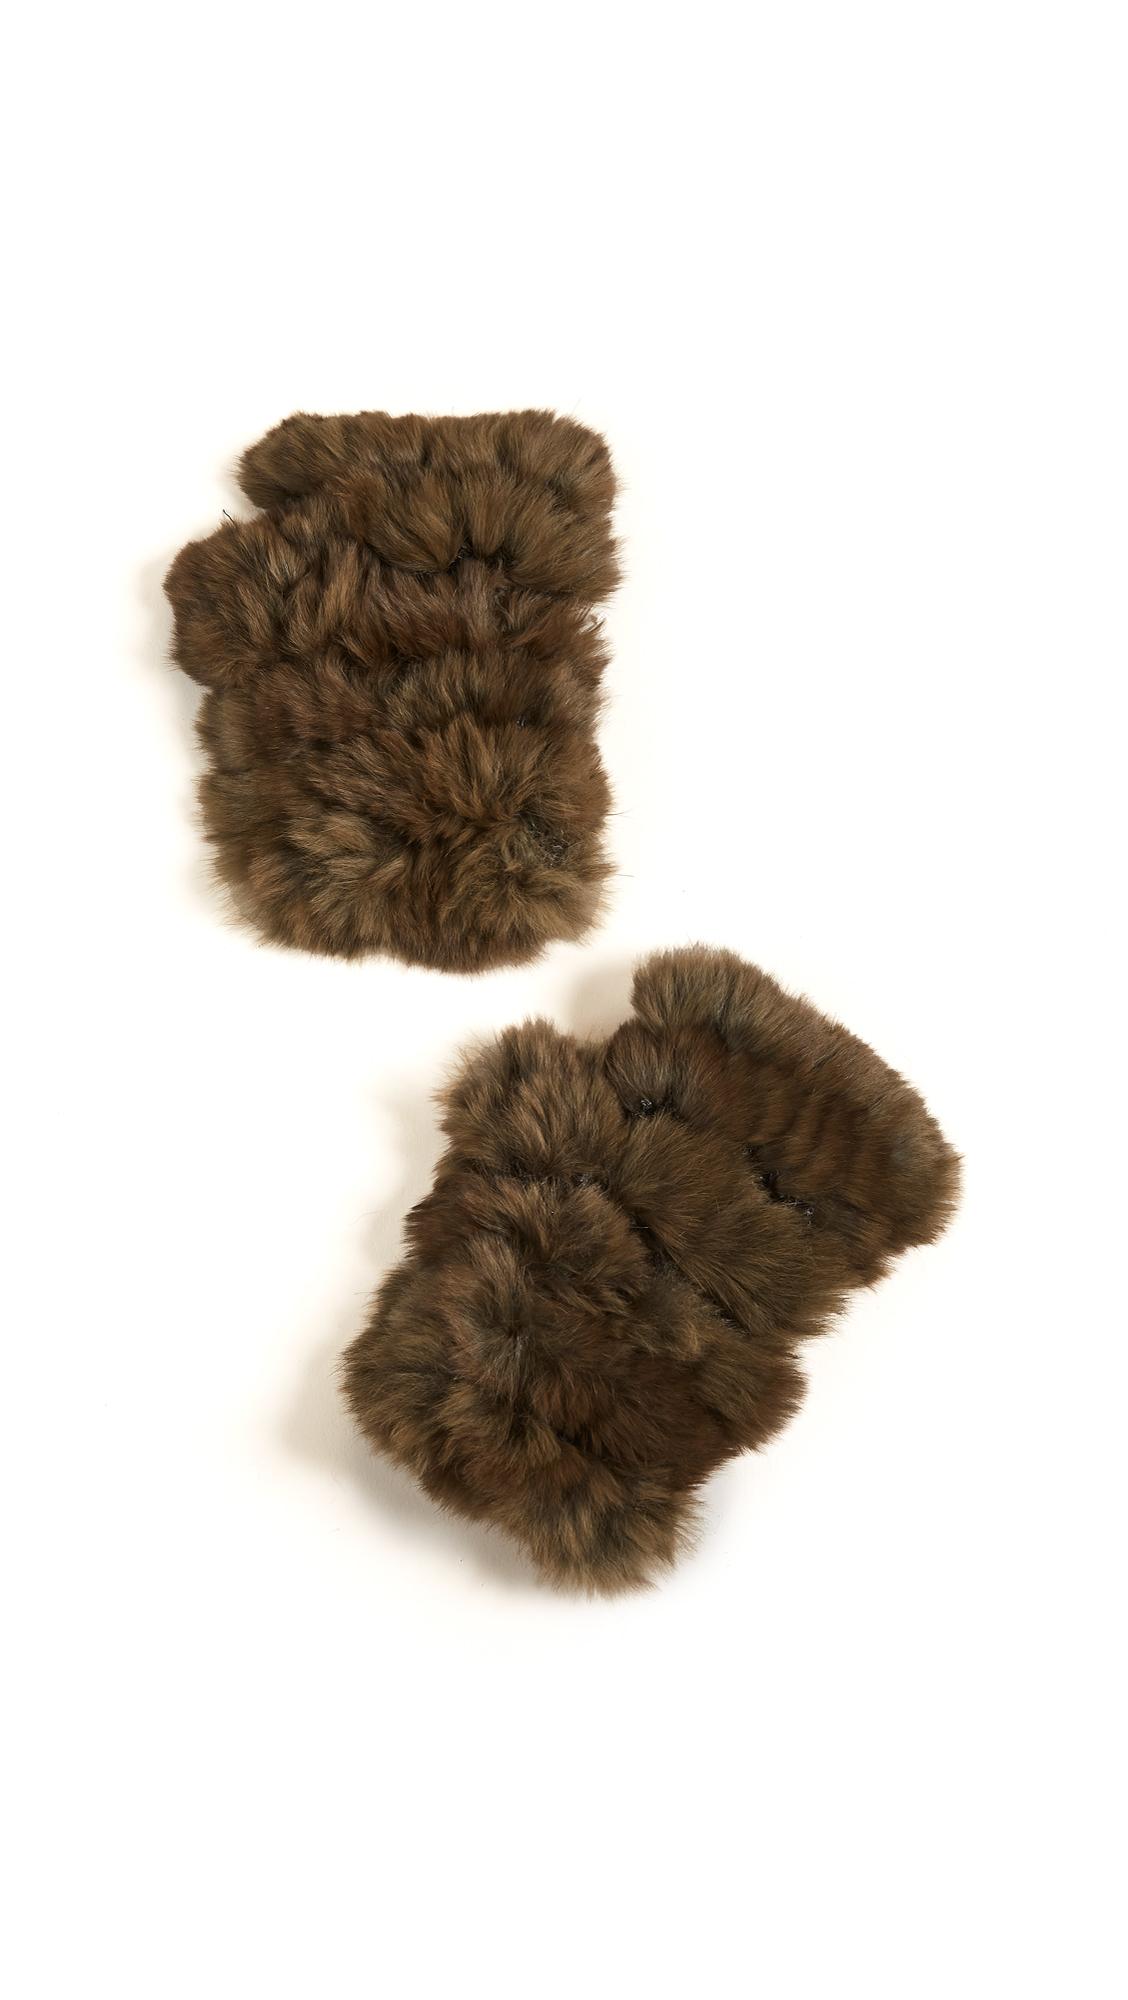 Jocelyn Fingerless Fur Gloves - Olive